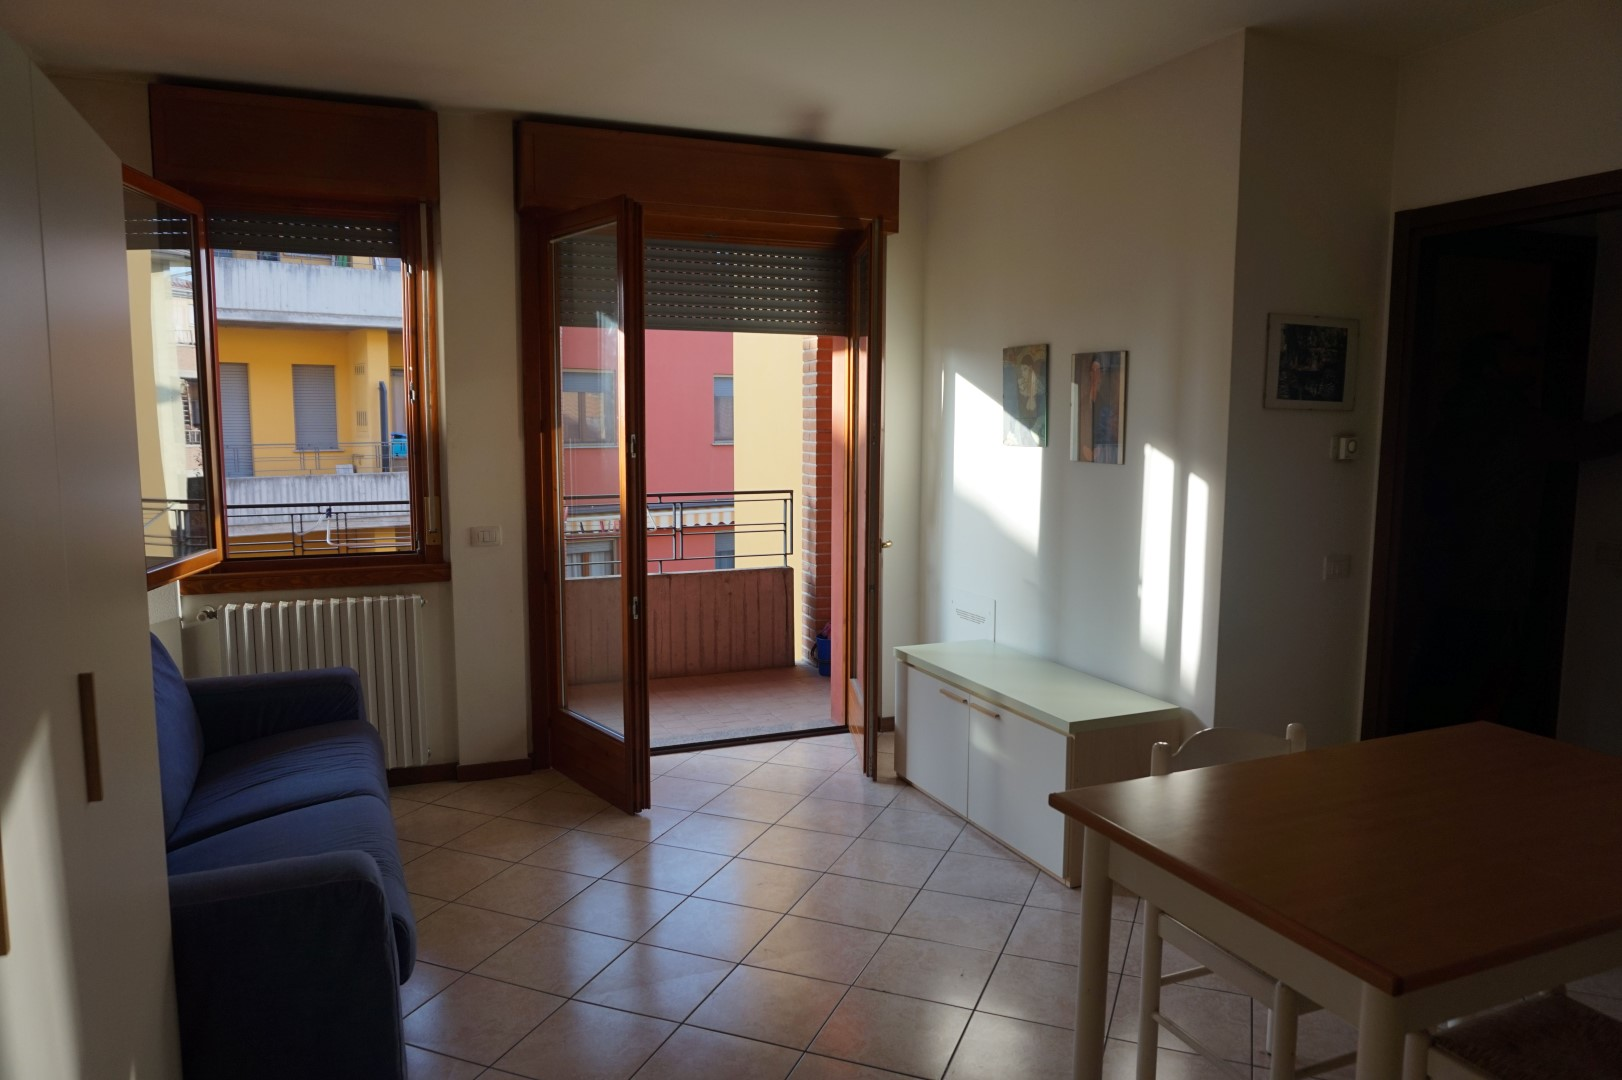 Appartamento monolocale in affitto osio sotto arredato for Appartamento in affitto arredato